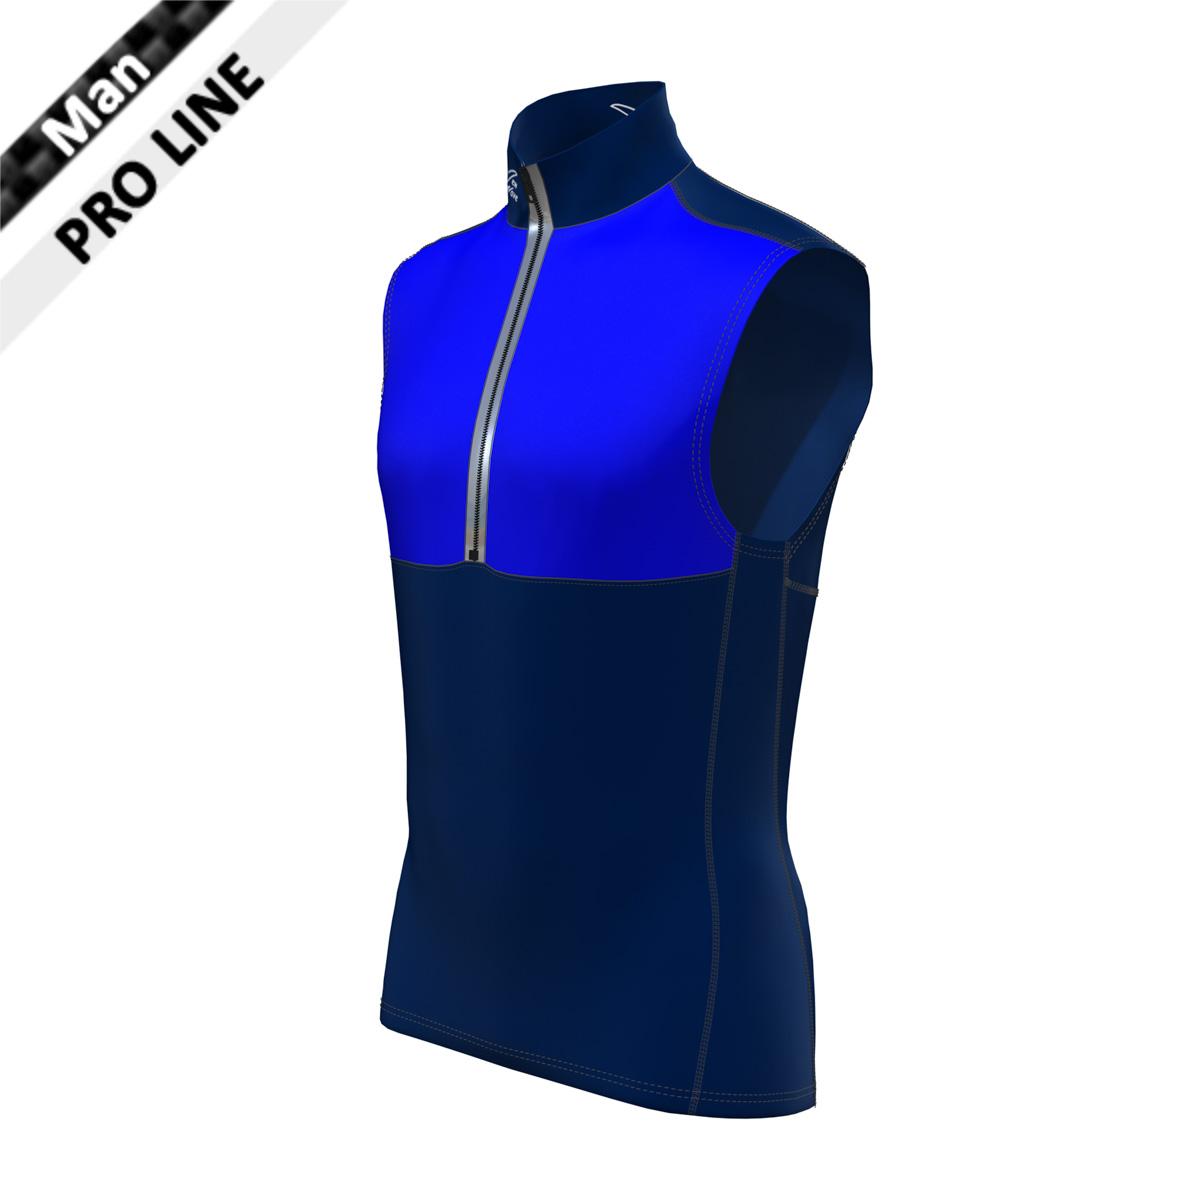 Pro Vest Man - marine / royal  (Kragen, Bauch, Rücken, Seitenstreifen - marine; Brust royal)